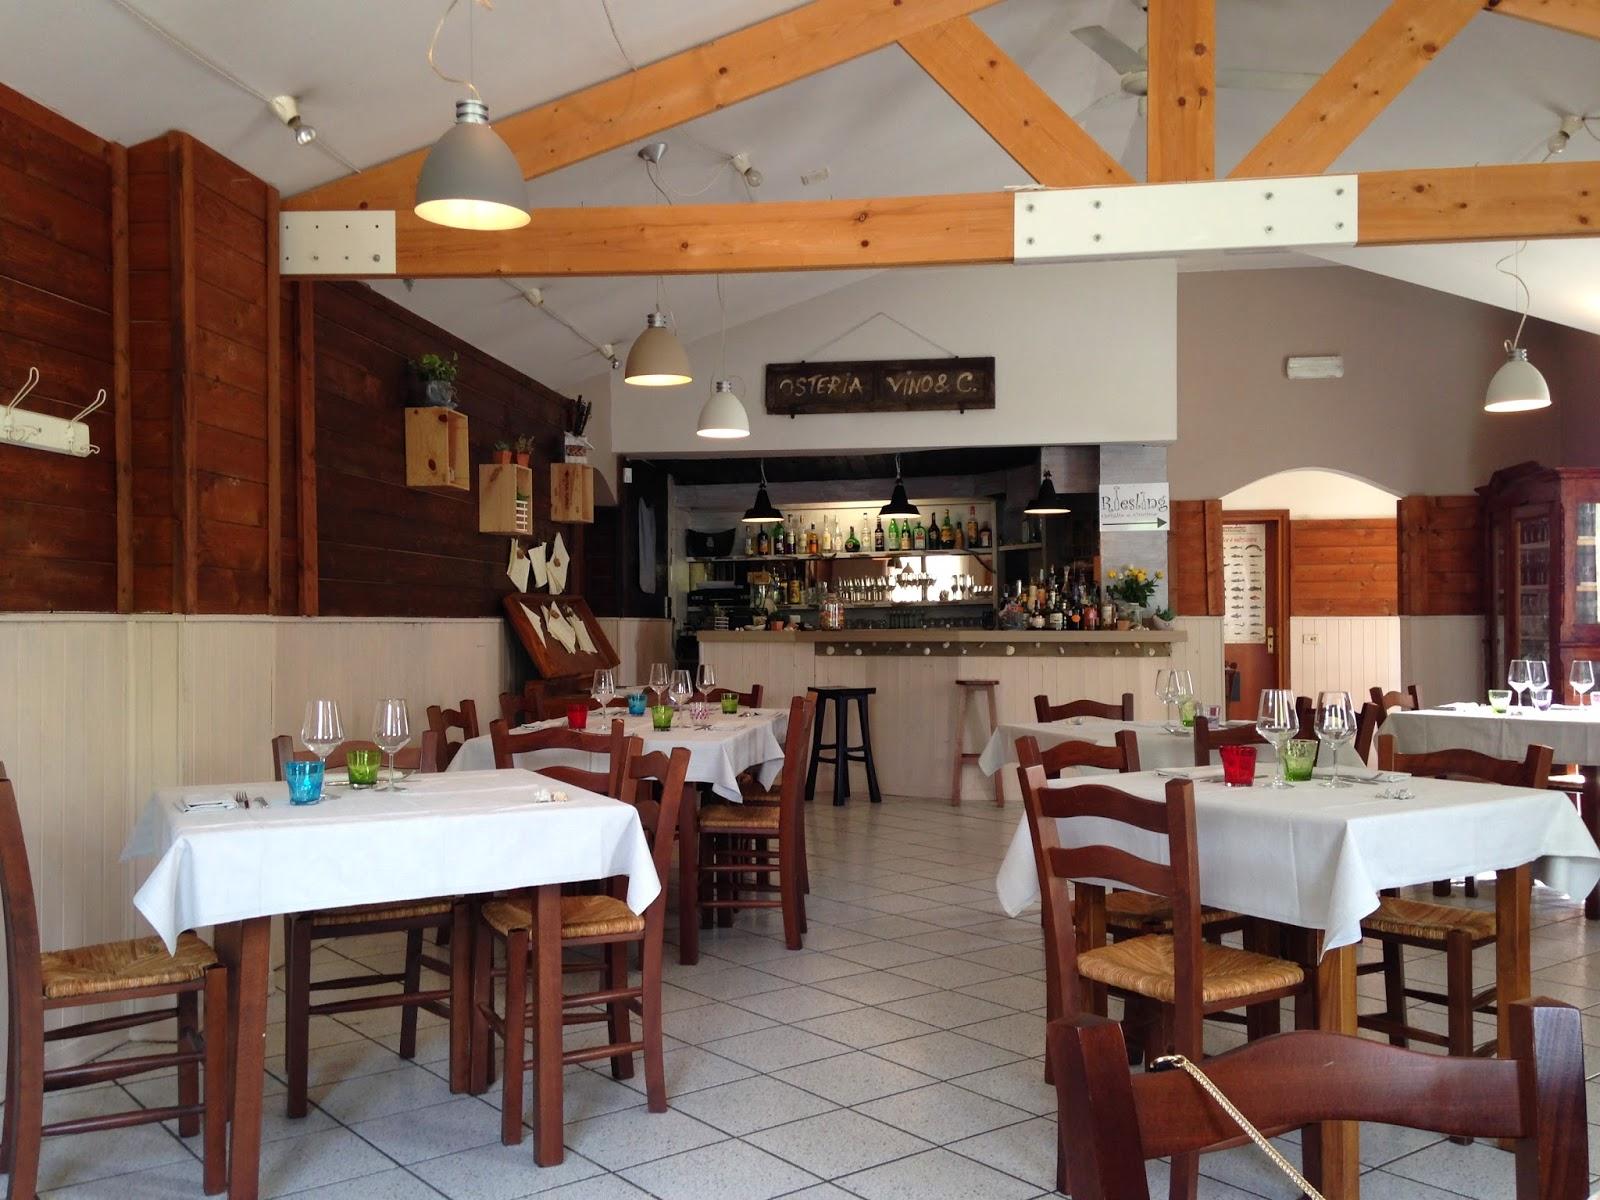 Bologna e non solo ristorante riesling griglia e cucina via thaon de revel 7 marina di - Ristorante riesling griglia e cucina marina di ravenna ra ...